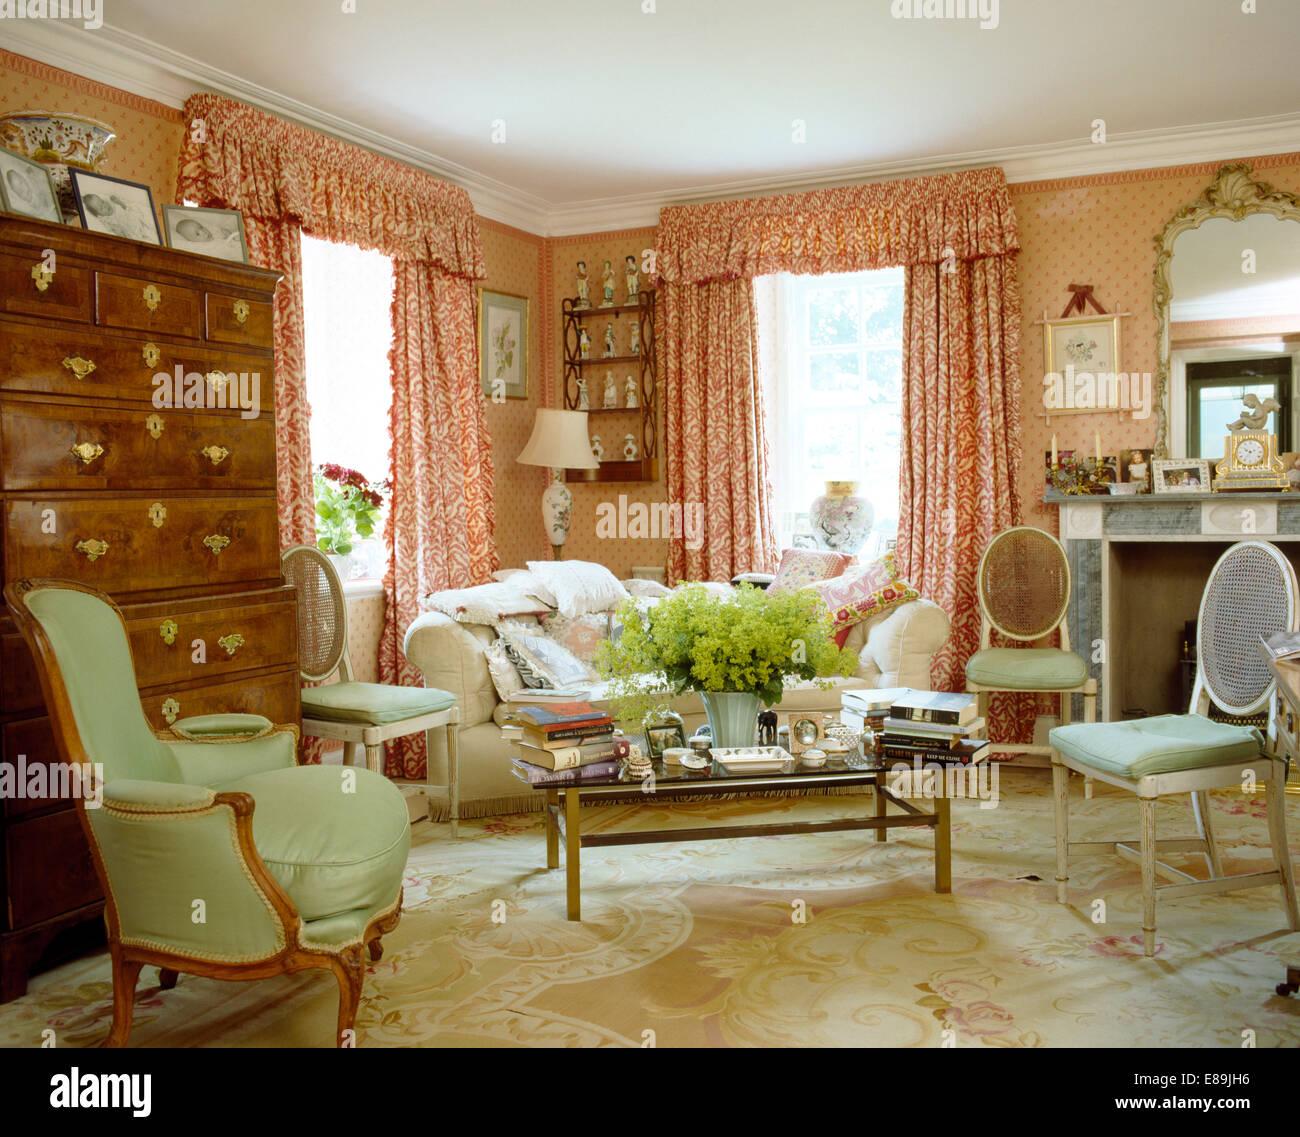 Elegant Rote + Weiße Vorhänge In Rosa Land Wohnzimmer Mit Antikem Ballon Zurück,  Stühle, Sessel Und Sofa